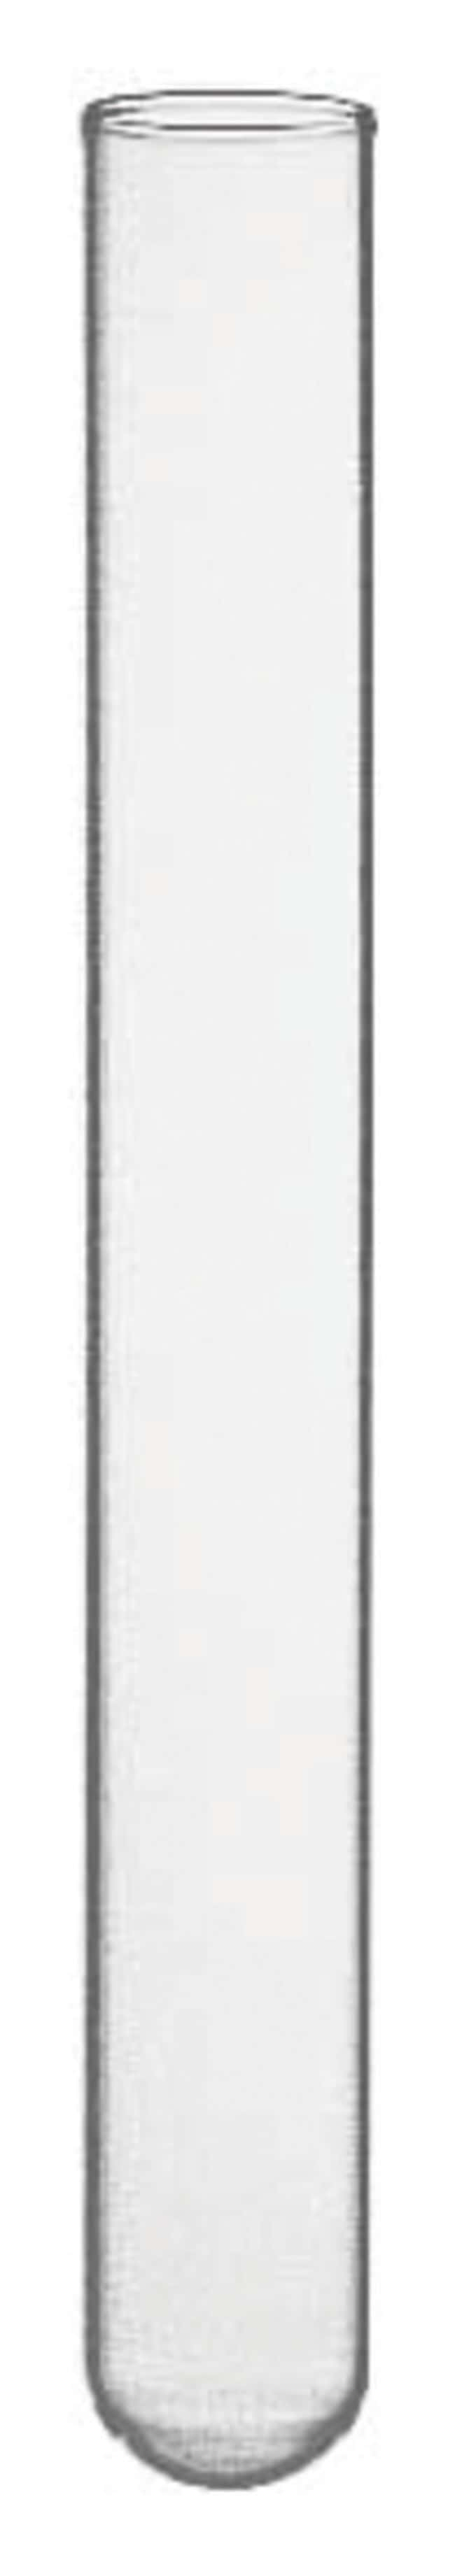 Fisherbrand™Reagenzglas aus Borosilikatglas Abmessungen: 24 Durchmesserx 150mmHöhe Fisherbrand™Reagenzglas aus Borosilikatglas